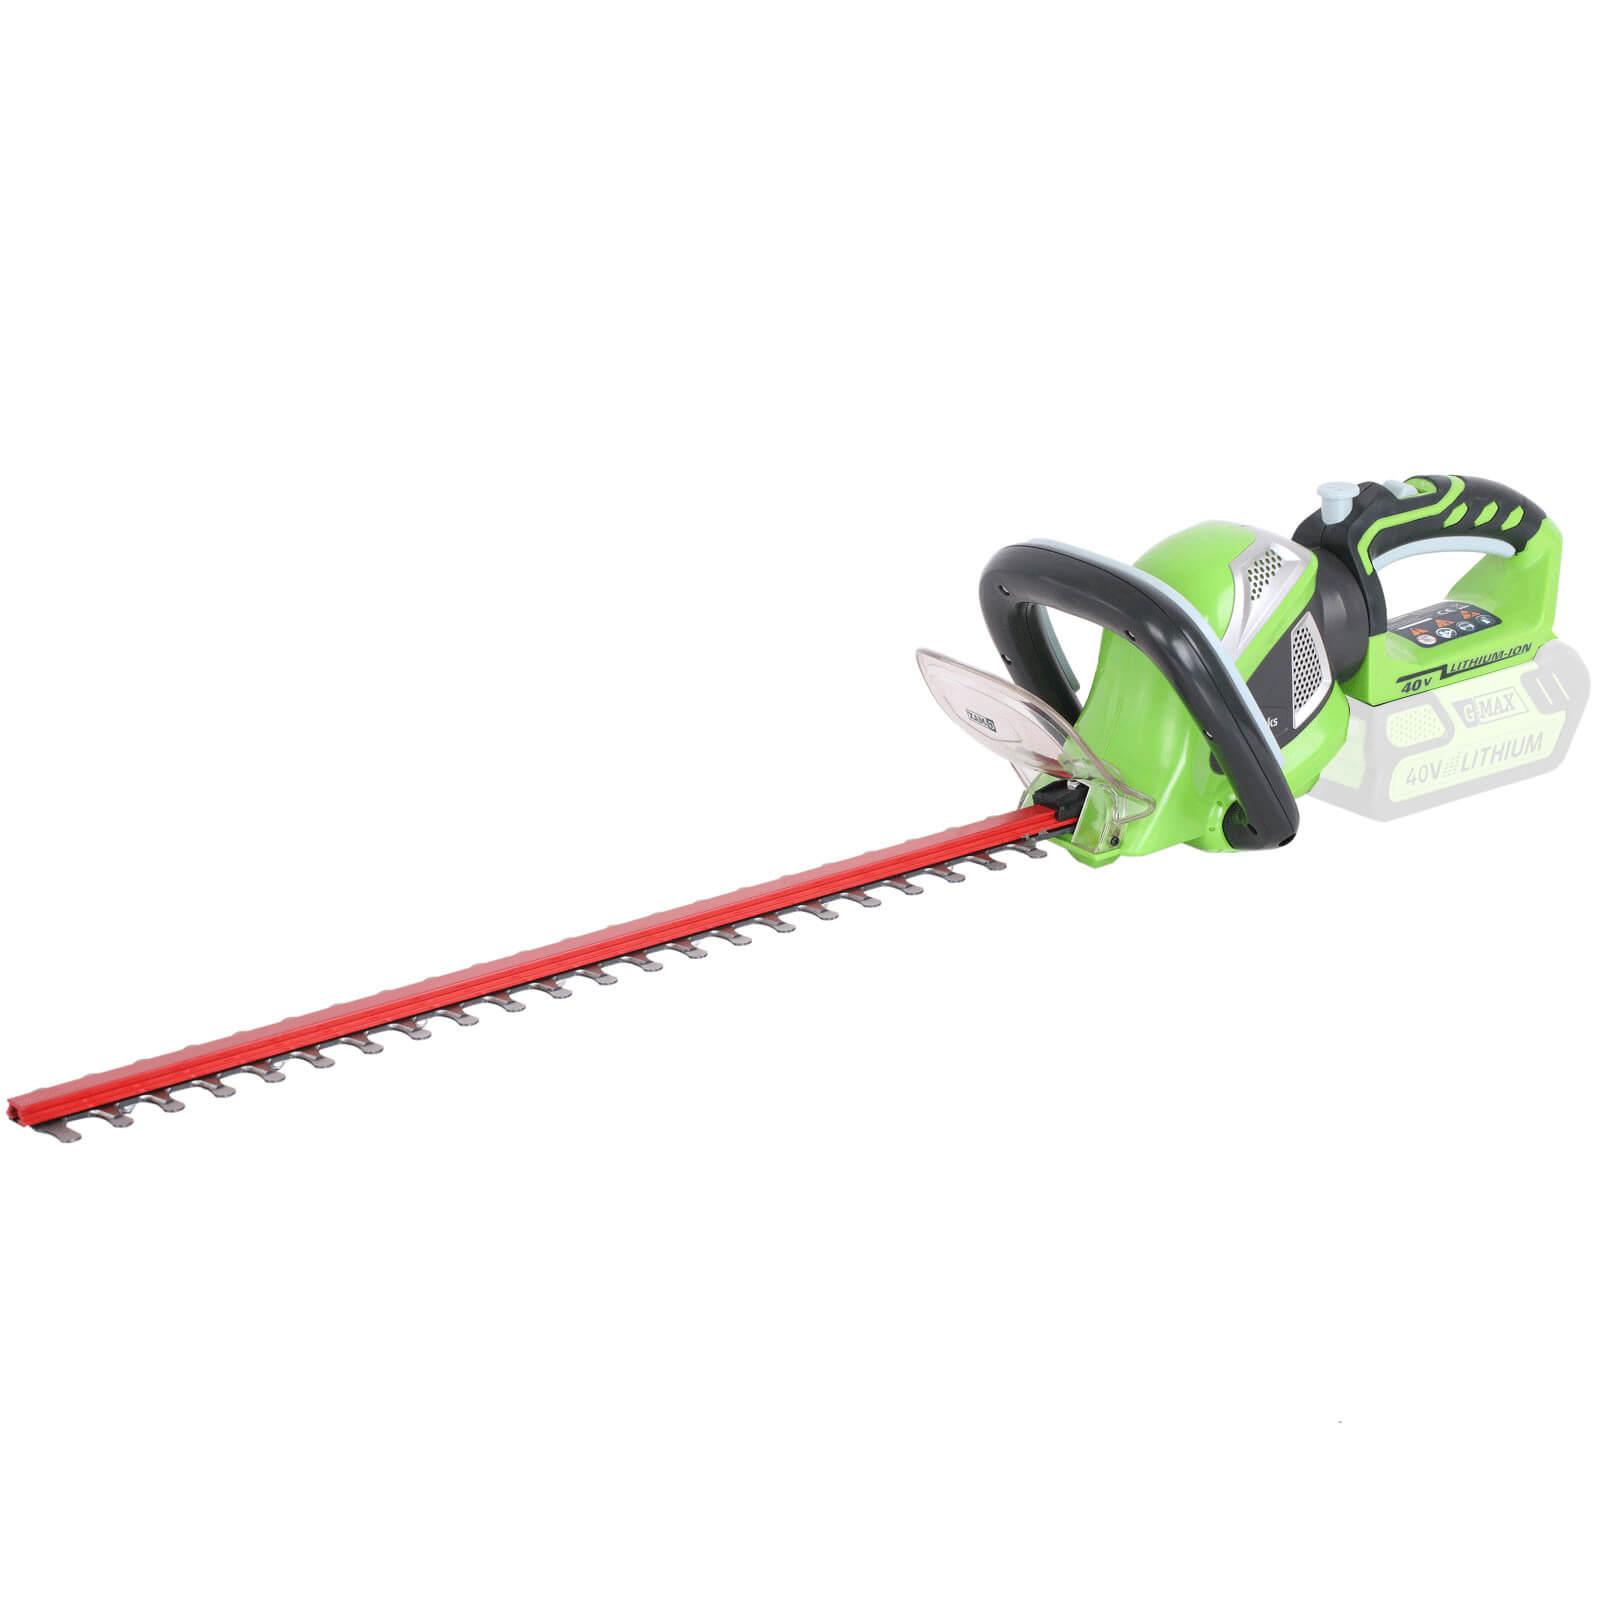 Greenworks G40HT61 40v Cordless Hedge Trimmer 610mm No Batteries No Charger